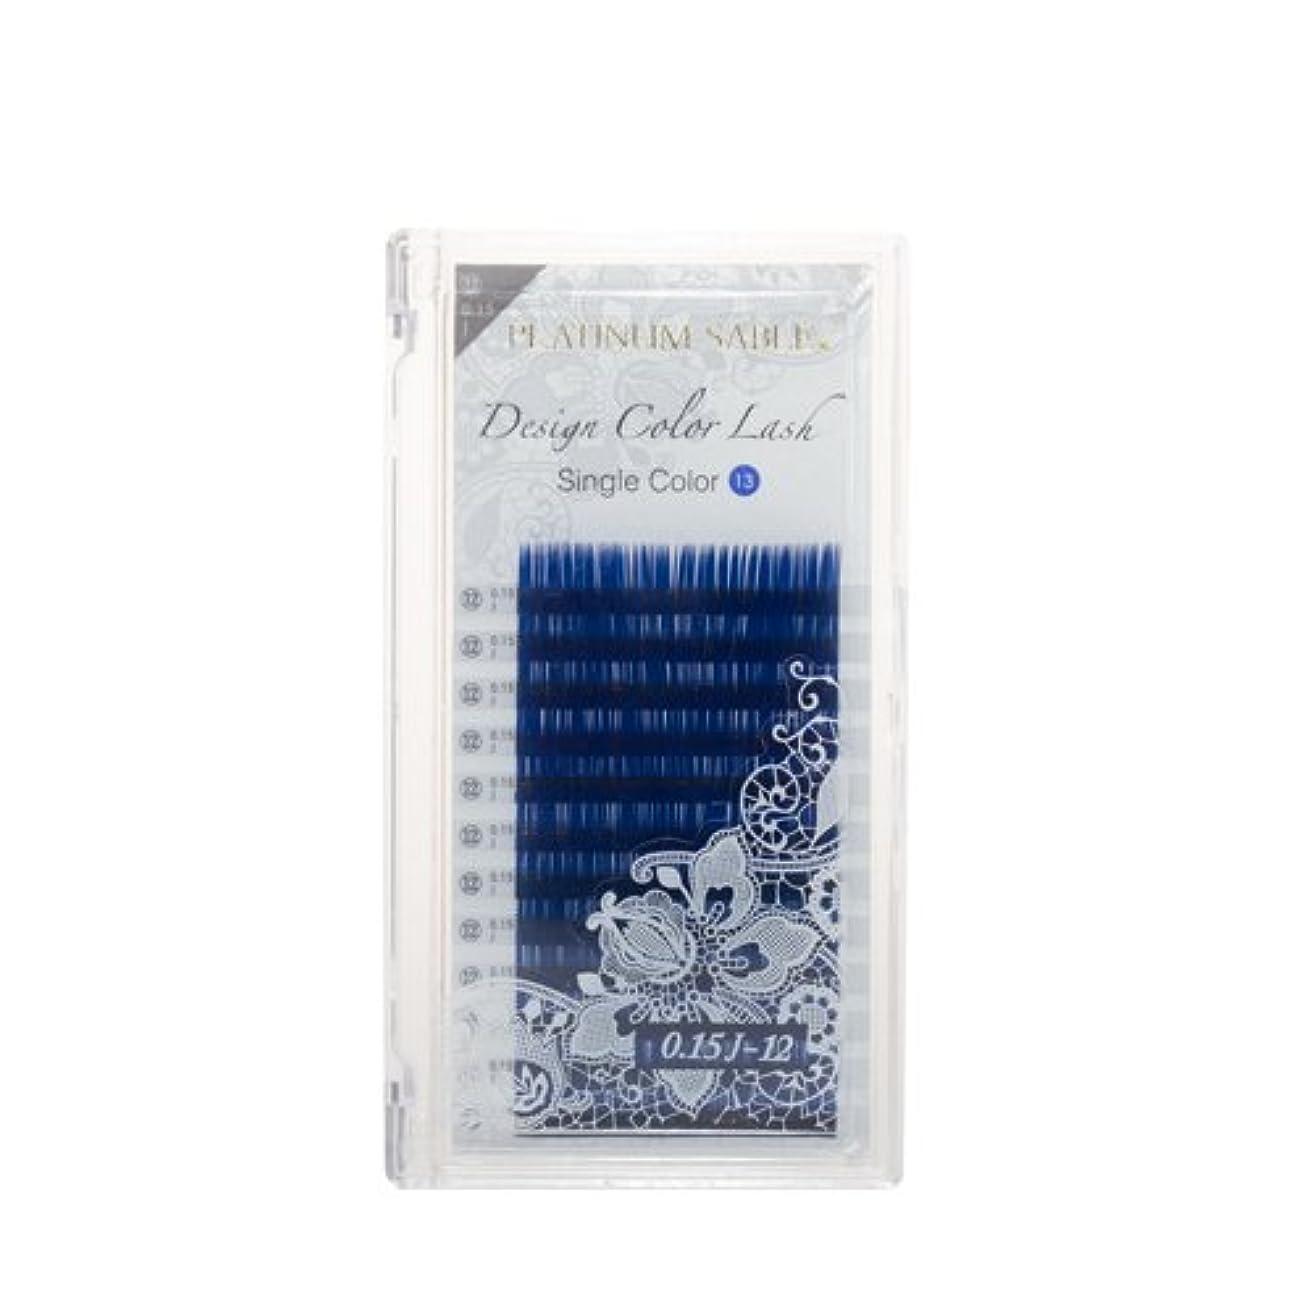 本質的に確保するプラチナセーブルデザインカラー0.15mmC11mmロイヤルブルー